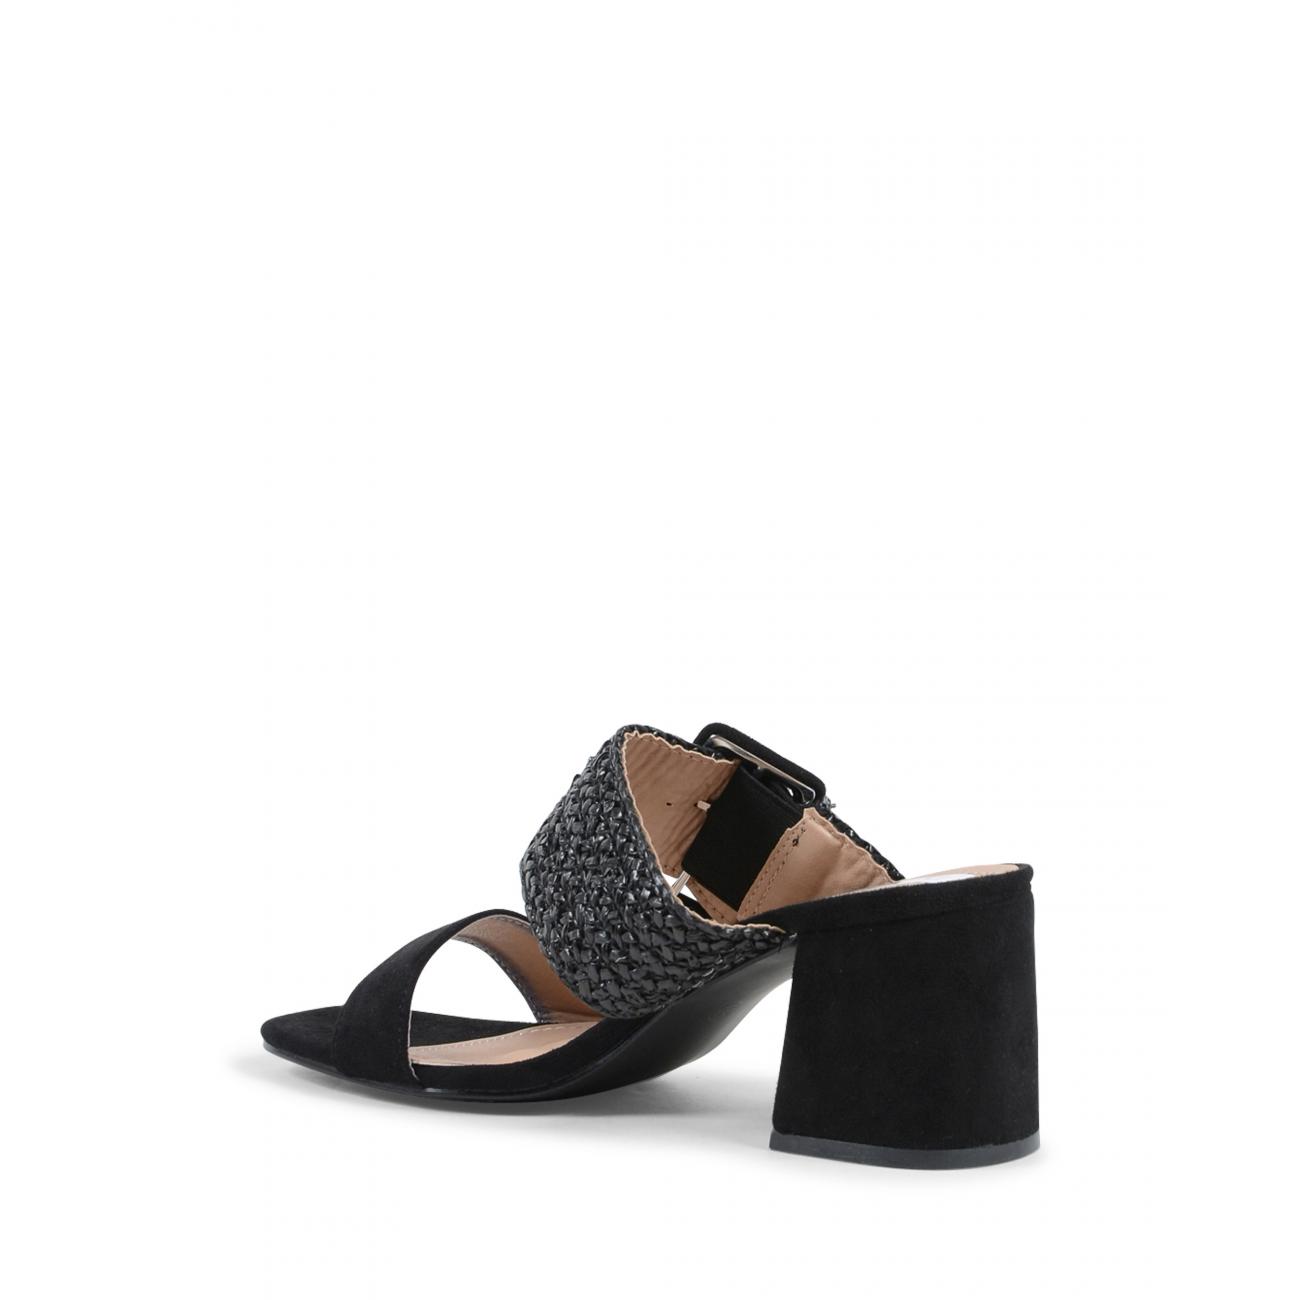 19V69 Italia Women's Mule Sandal Black V20 BLACK